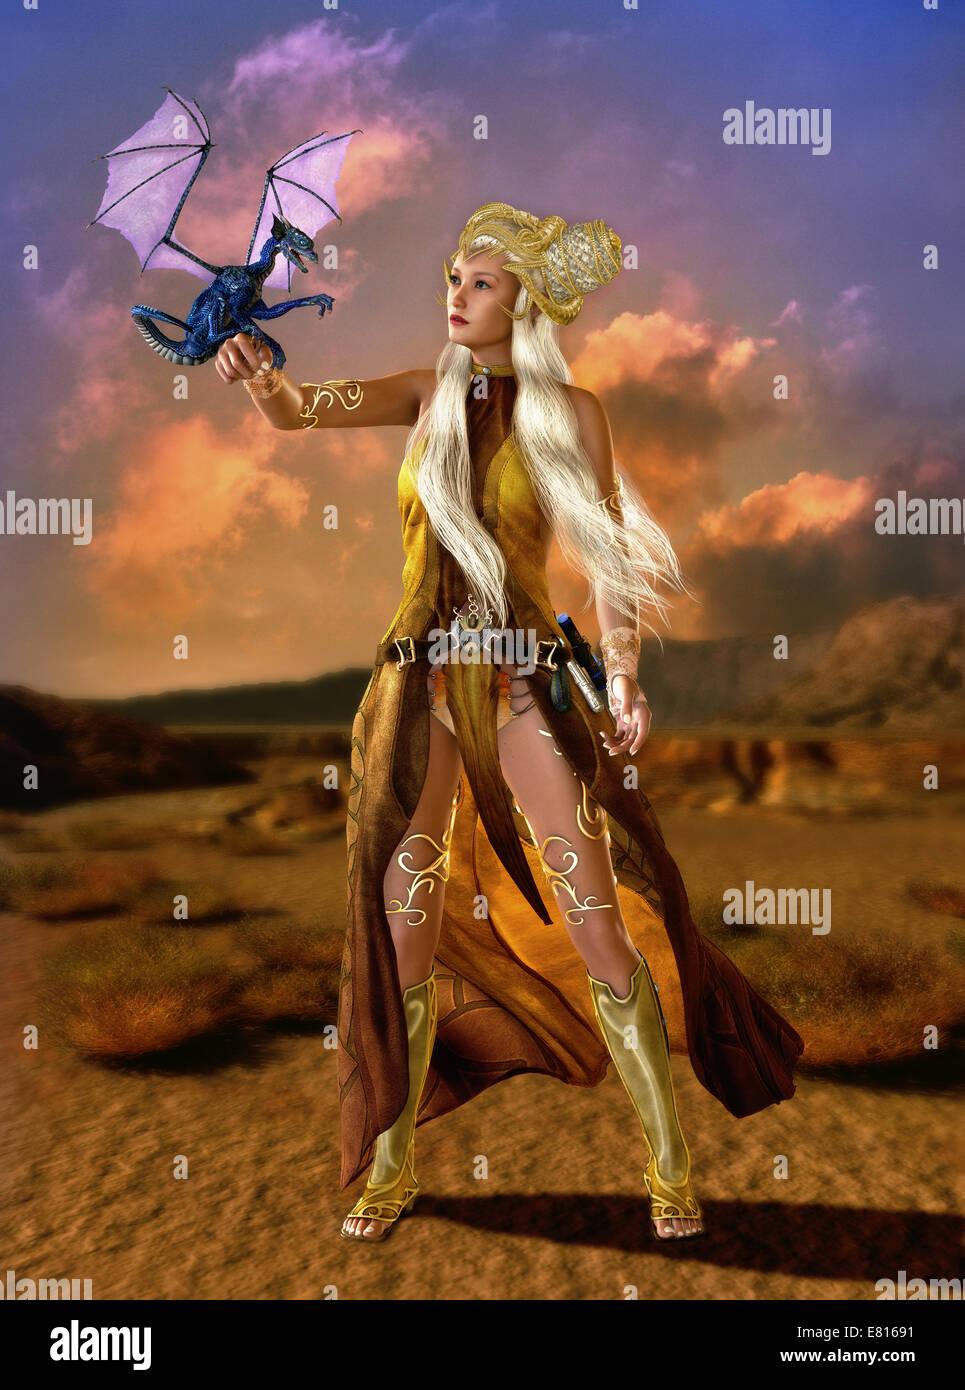 Dame avec fantaisie fantaisie coiffure et vêtements avec un dragon cub sur le bras Photo Stock